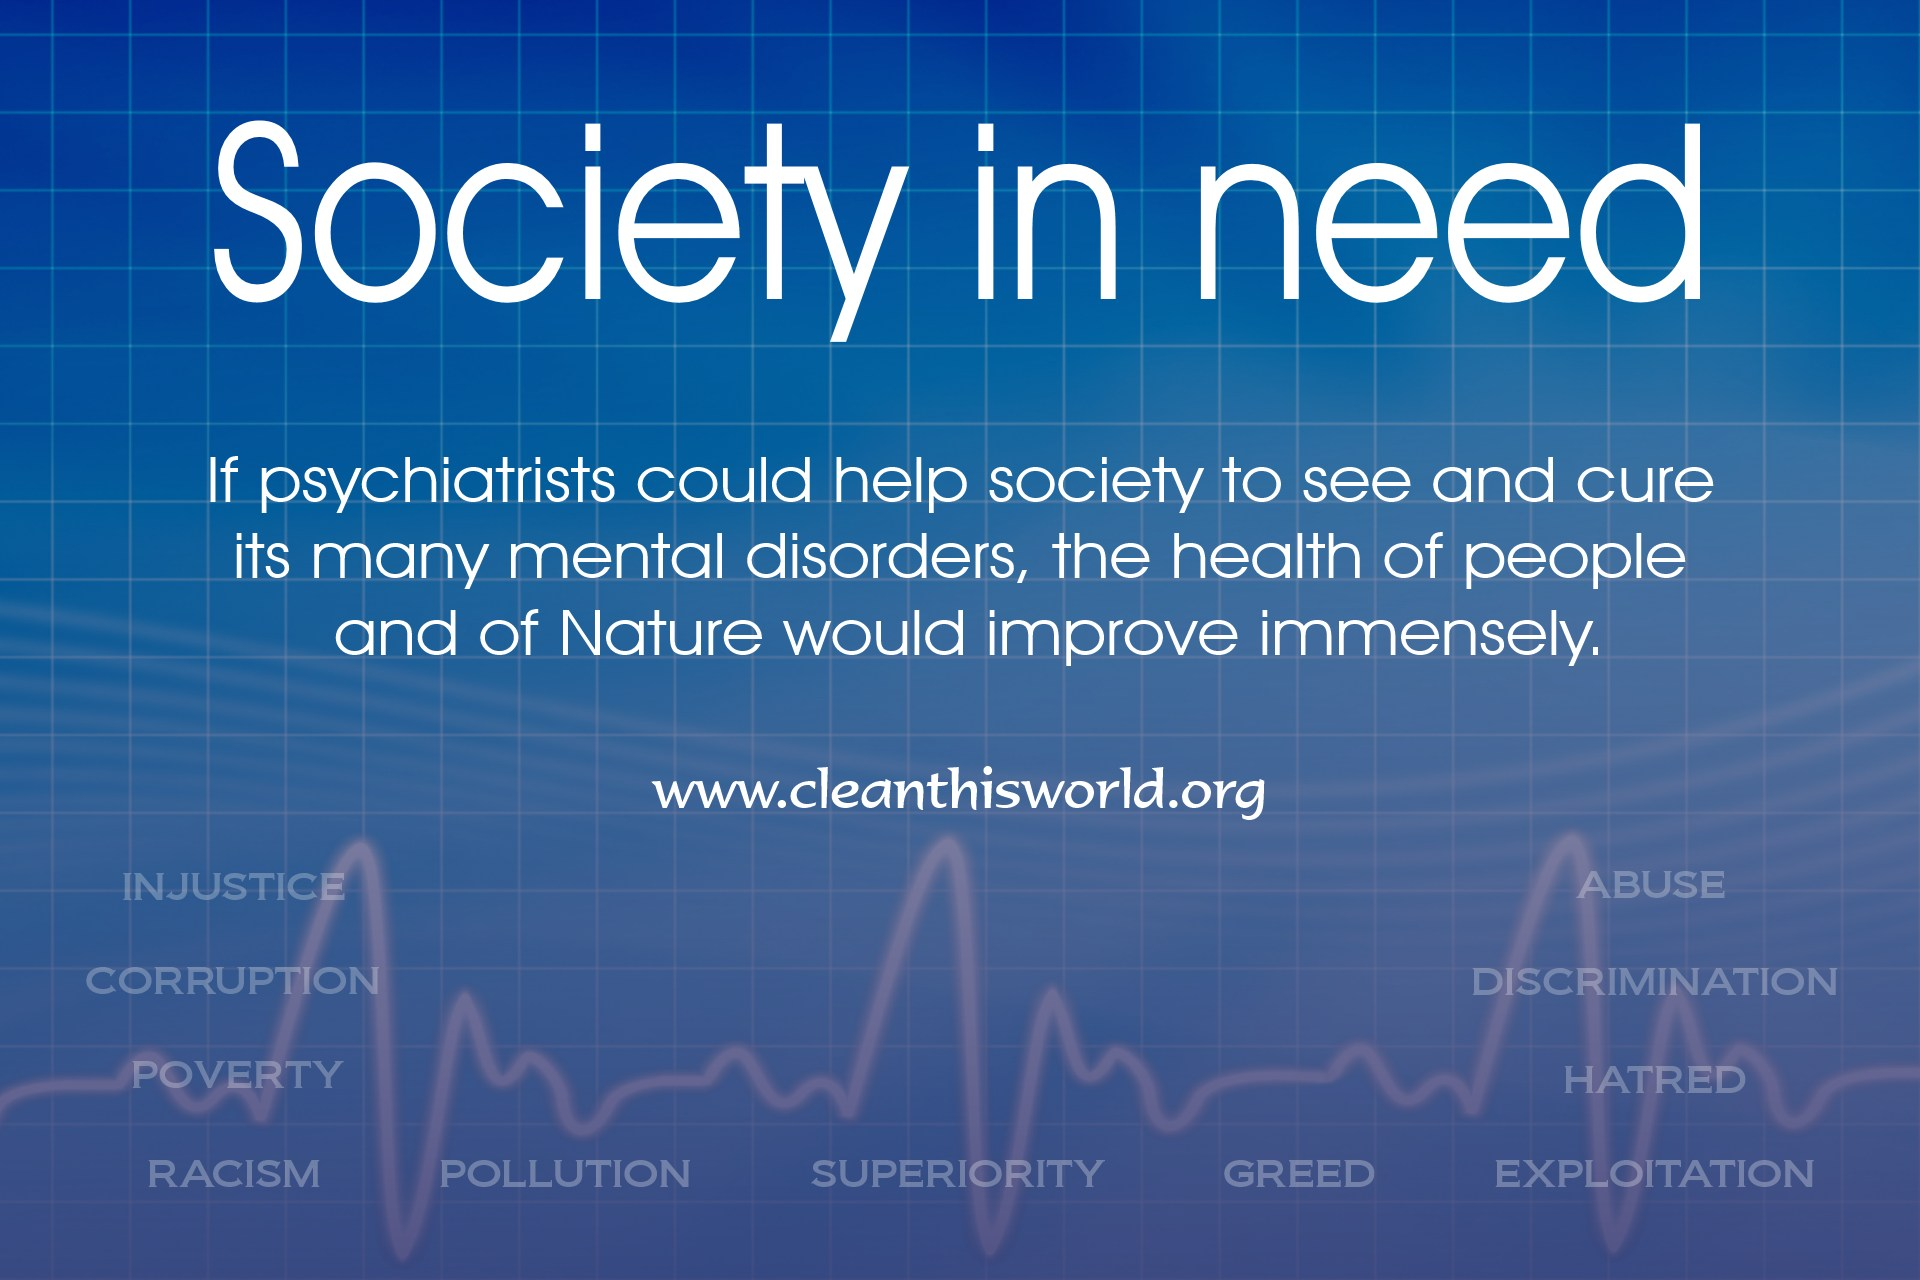 Society in need